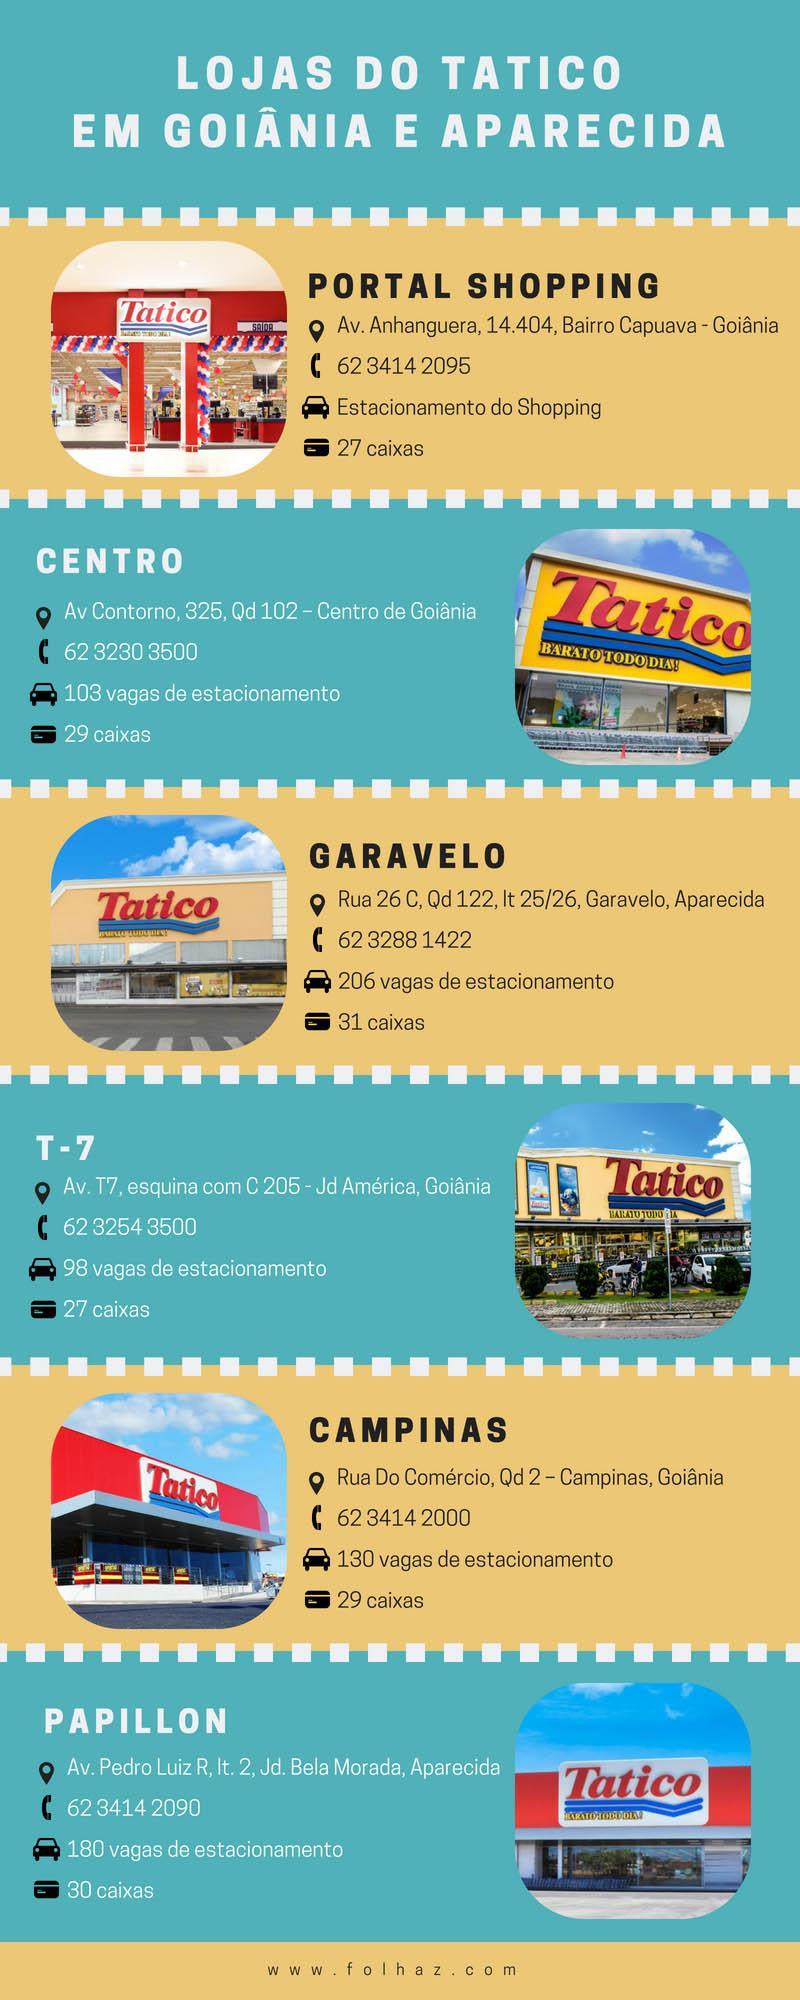 Lojas do Tatico em Goiânia e Aparecida pra aproveitar ofertas